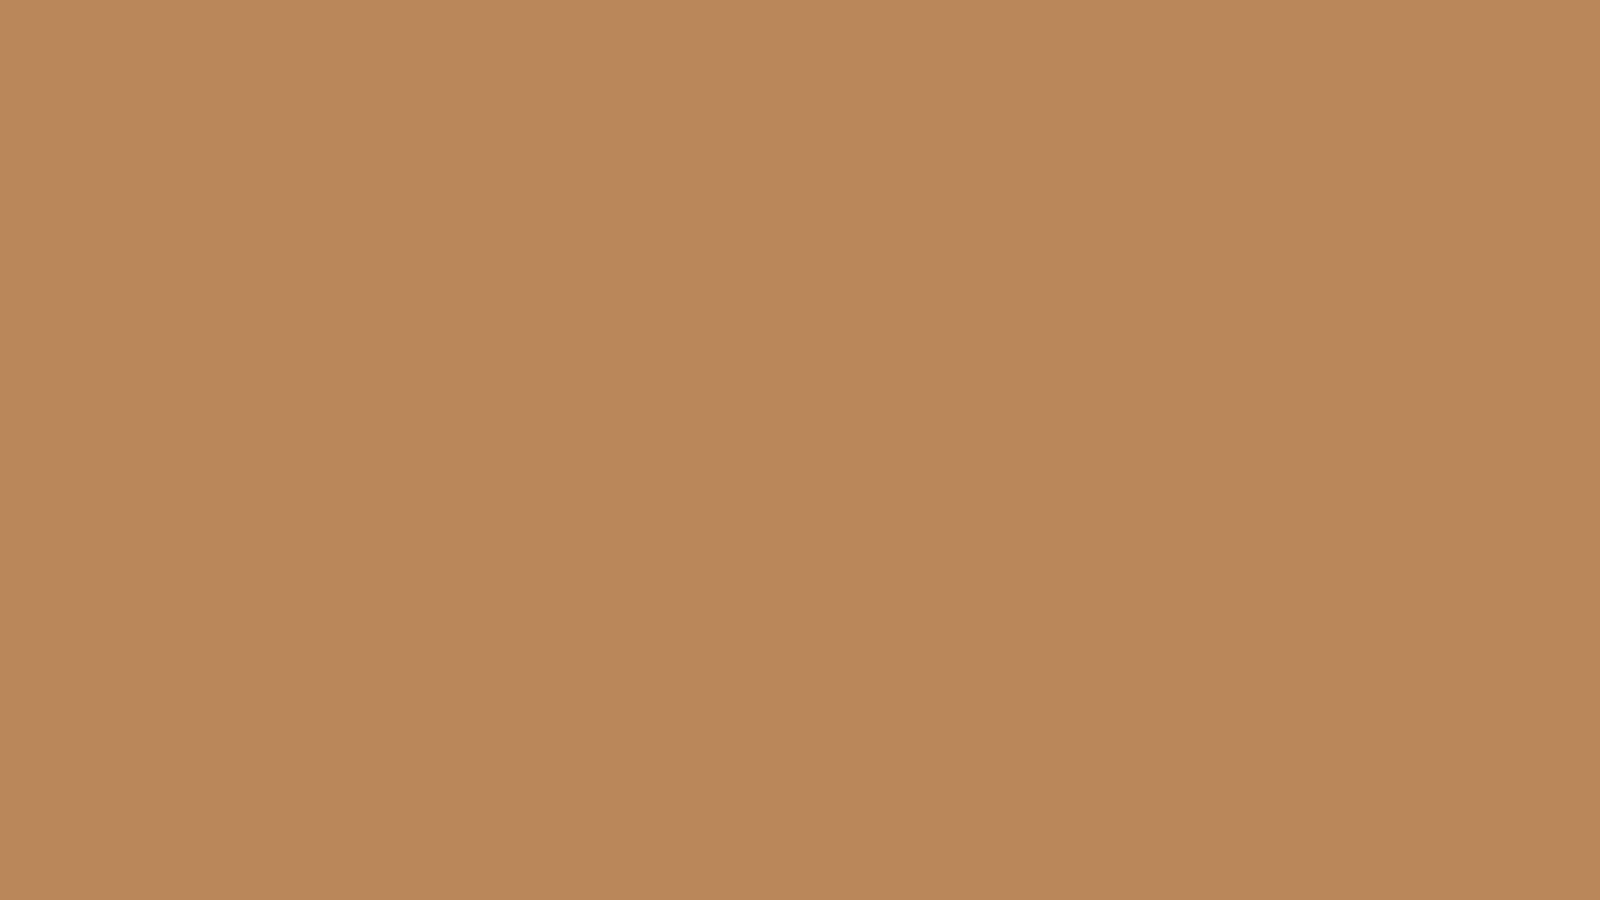 1600x900 Deer Solid Color Background